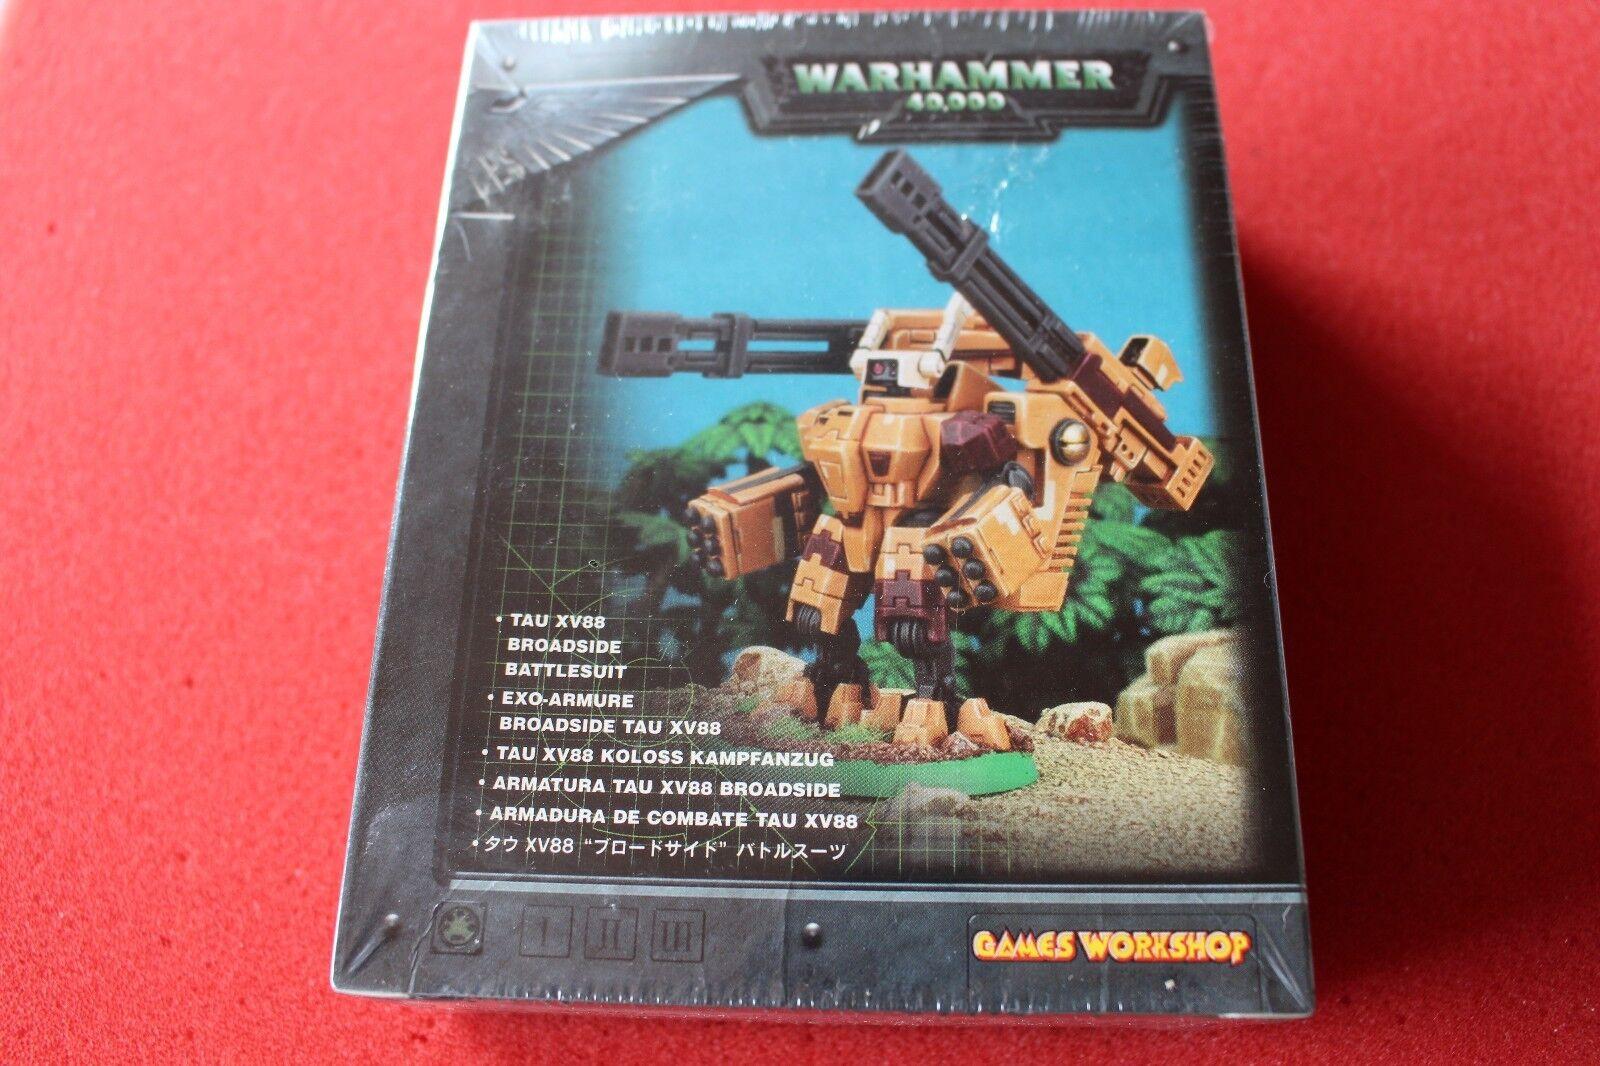 Games Workshop Warhammer 40k Tau XV88 Broadside Battlesuit Metal BNIB New OOP